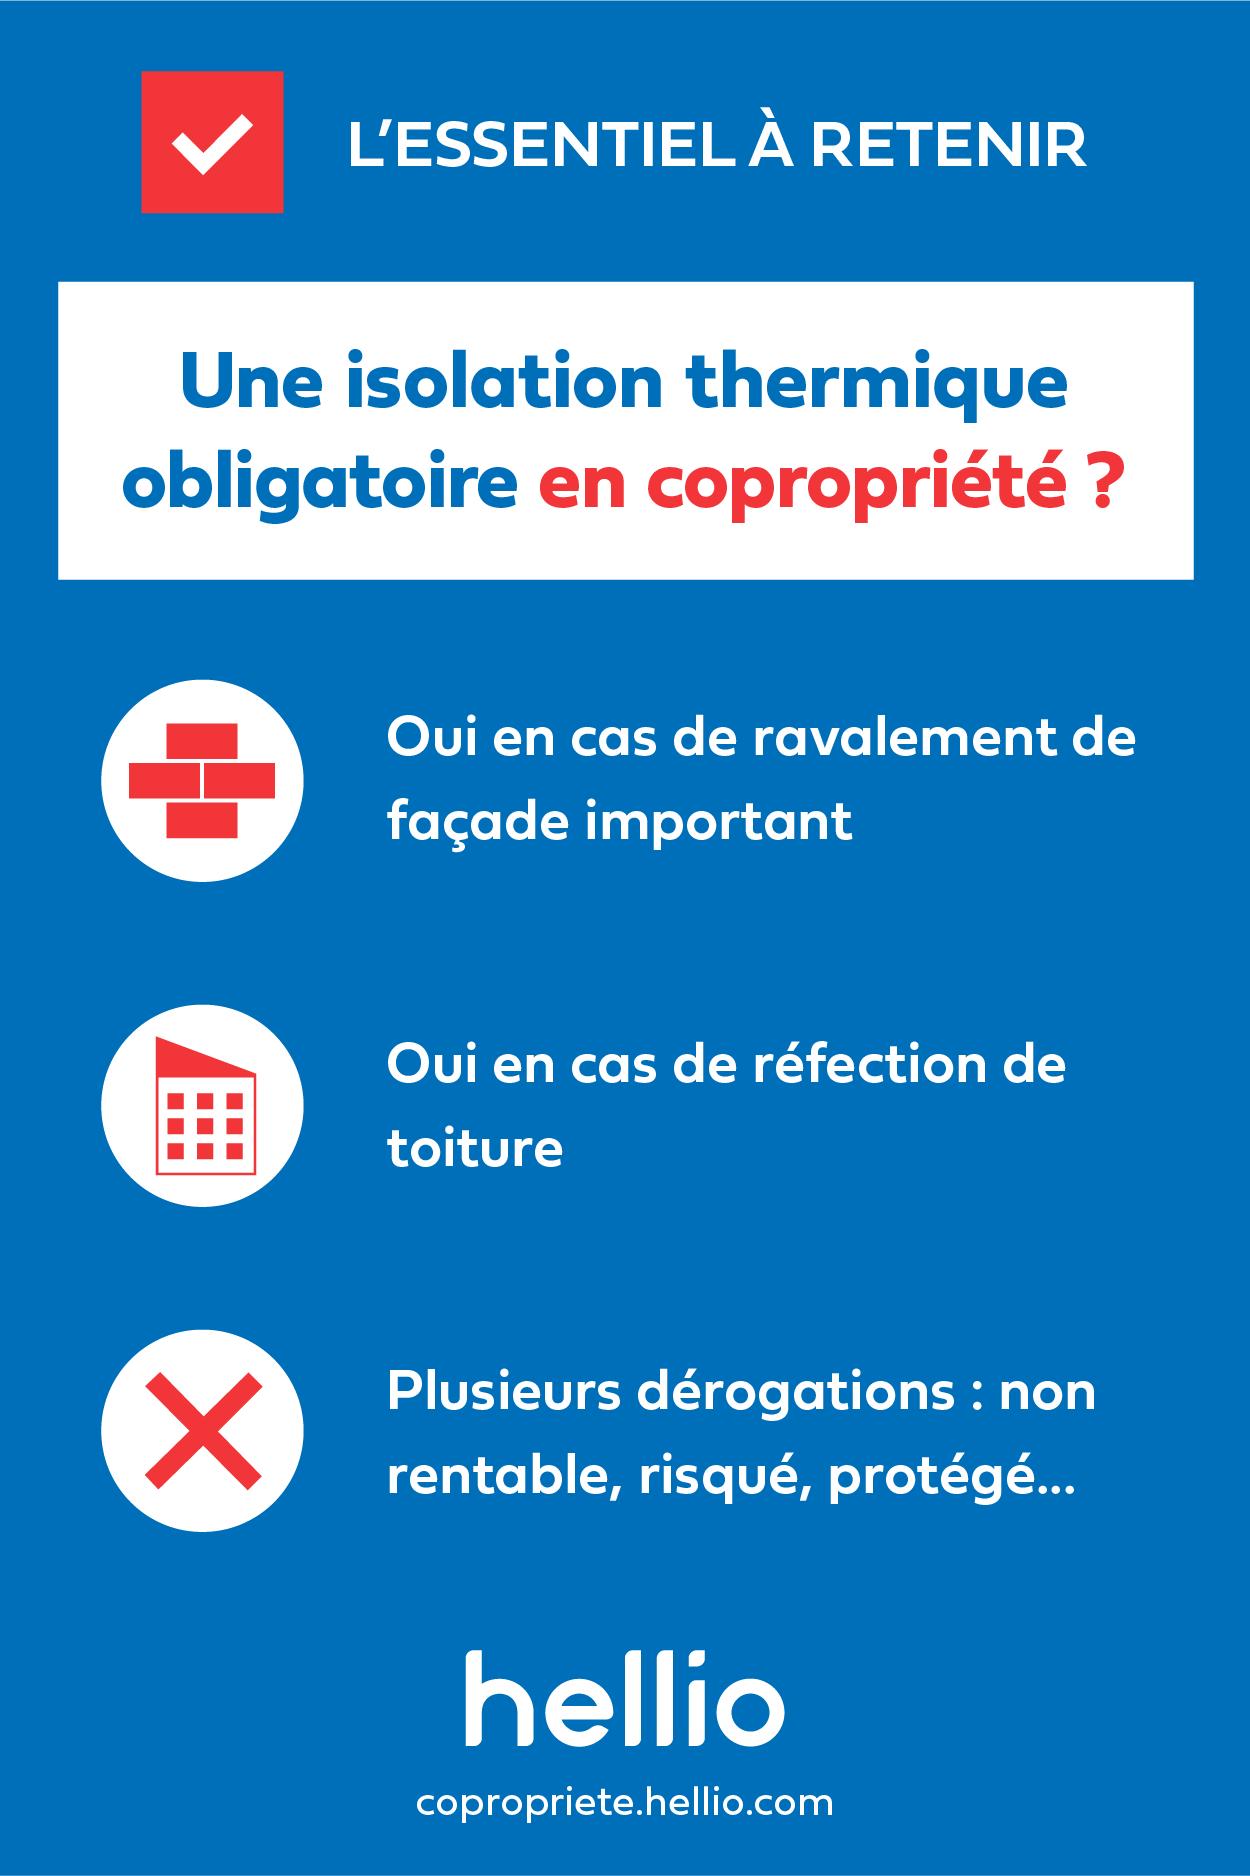 infographie-essentiel-retenir-hellio-copropriete-obligation-isolation-thermique